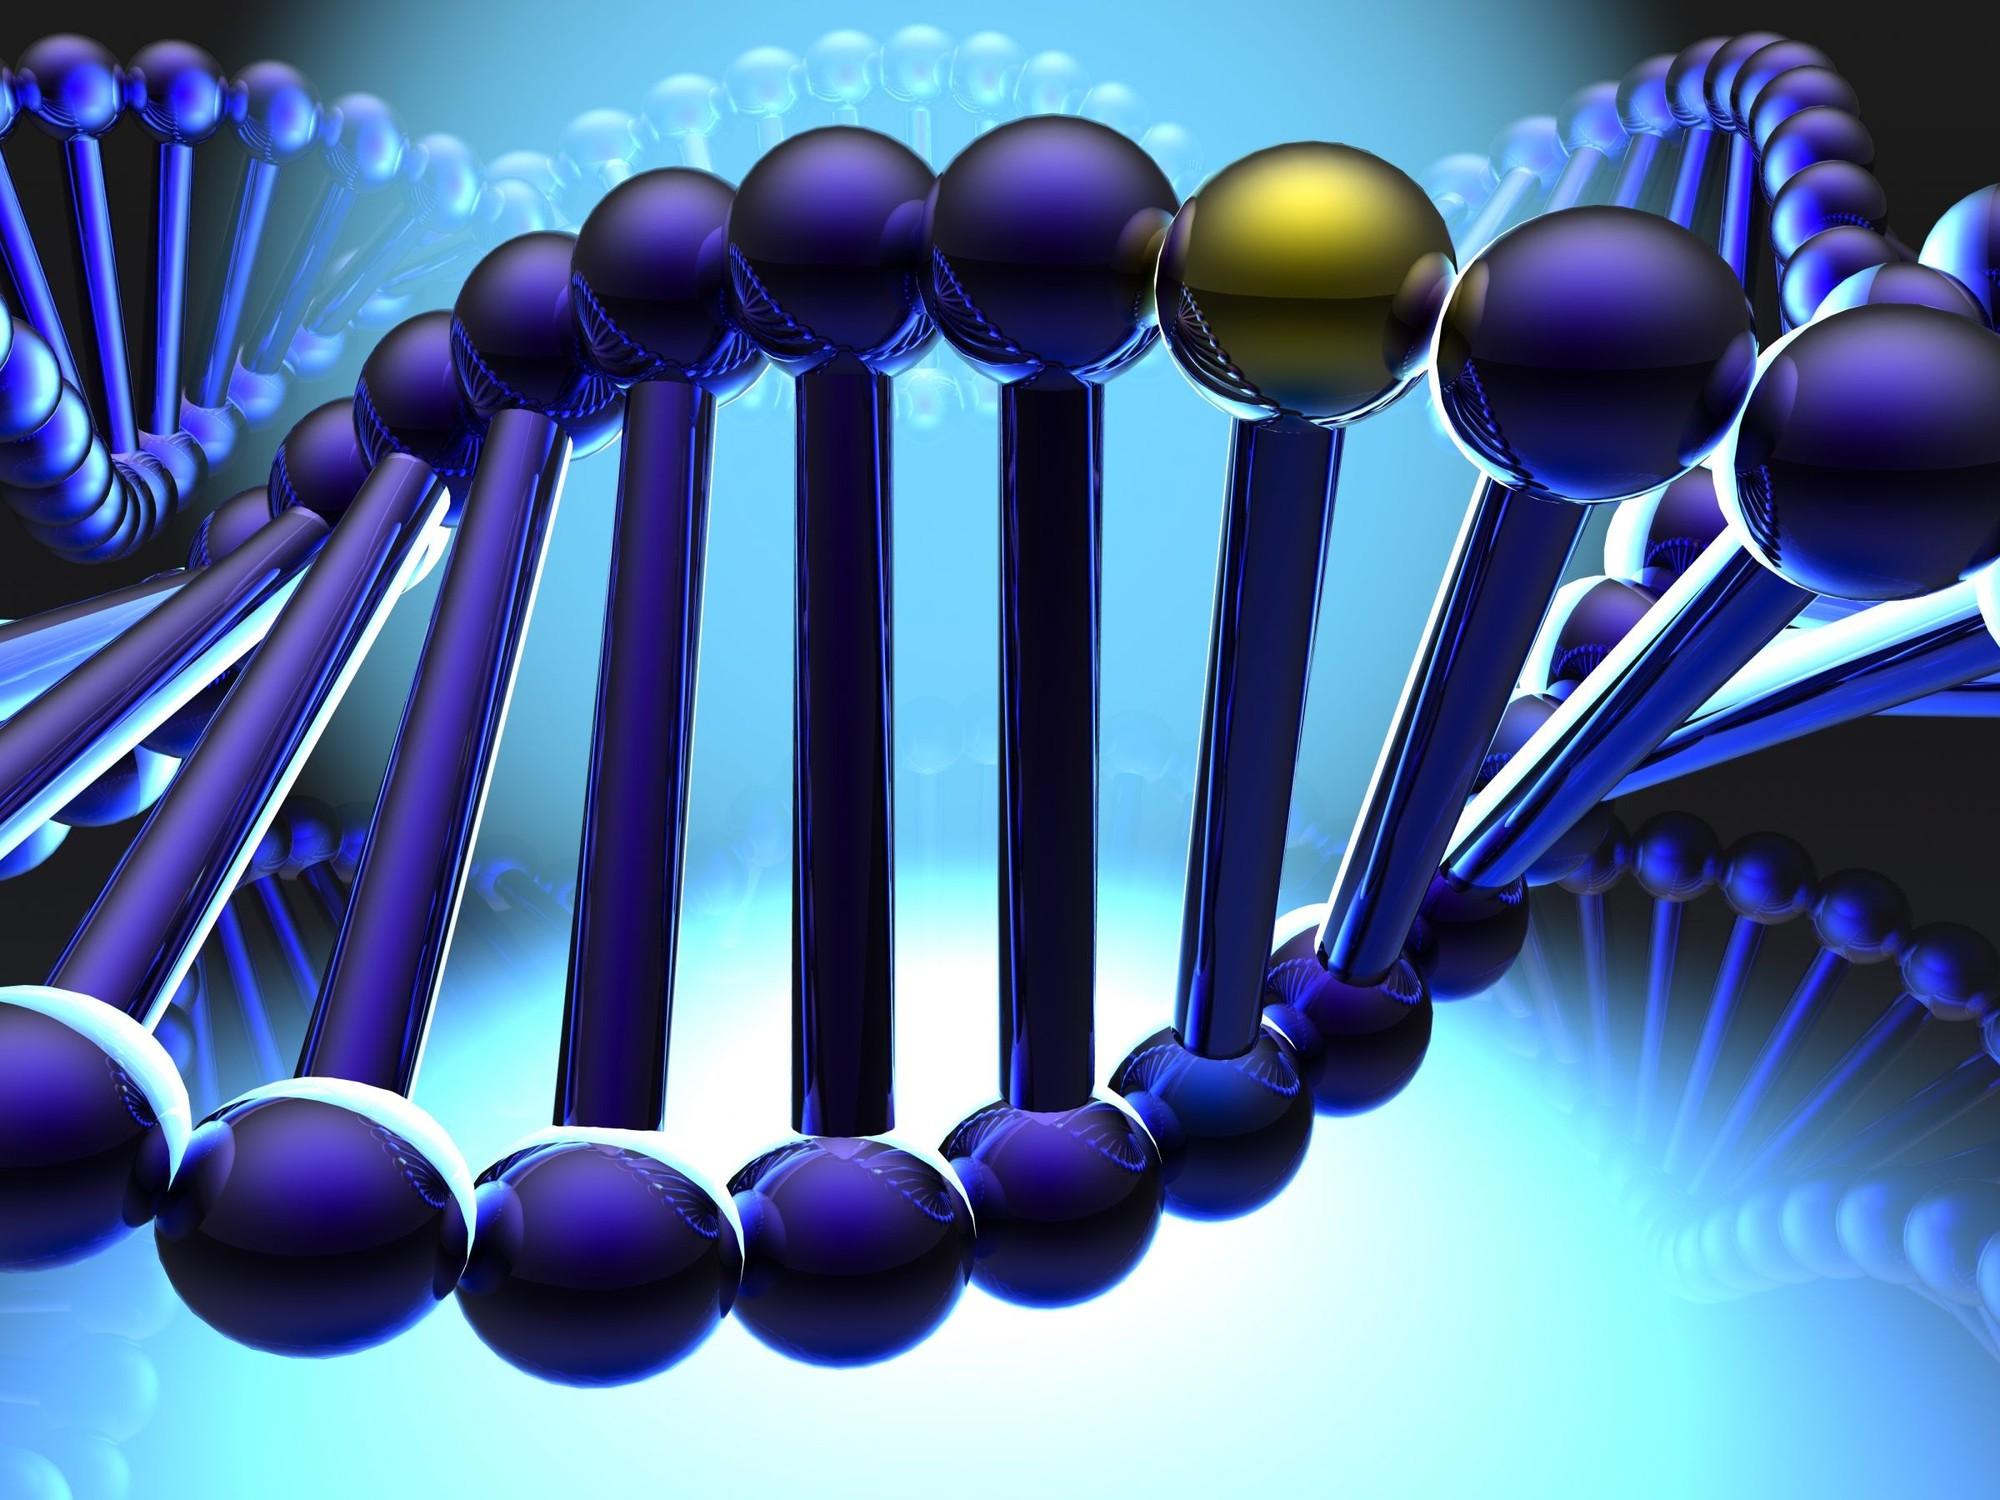 5 nguyên nhân tiềm ẩn gây ra bệnh ung thư da mà nhiều người thường vô tình bỏ qua - Ảnh 5.